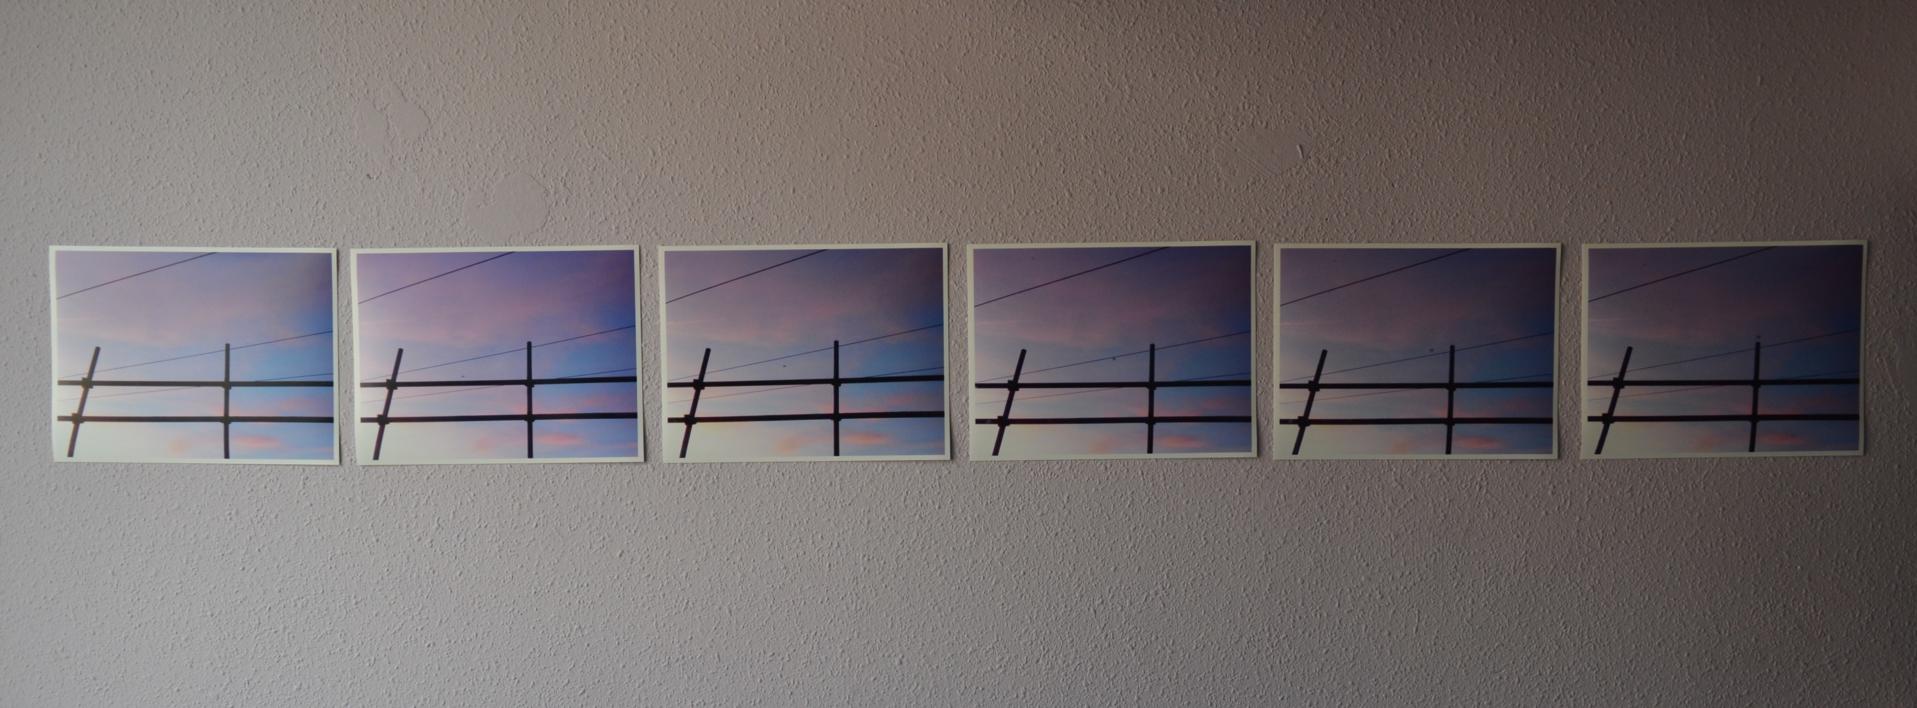 Colección: Lo-Phy   Fotografía de Lizmenta   Compra arte en Flecha.es